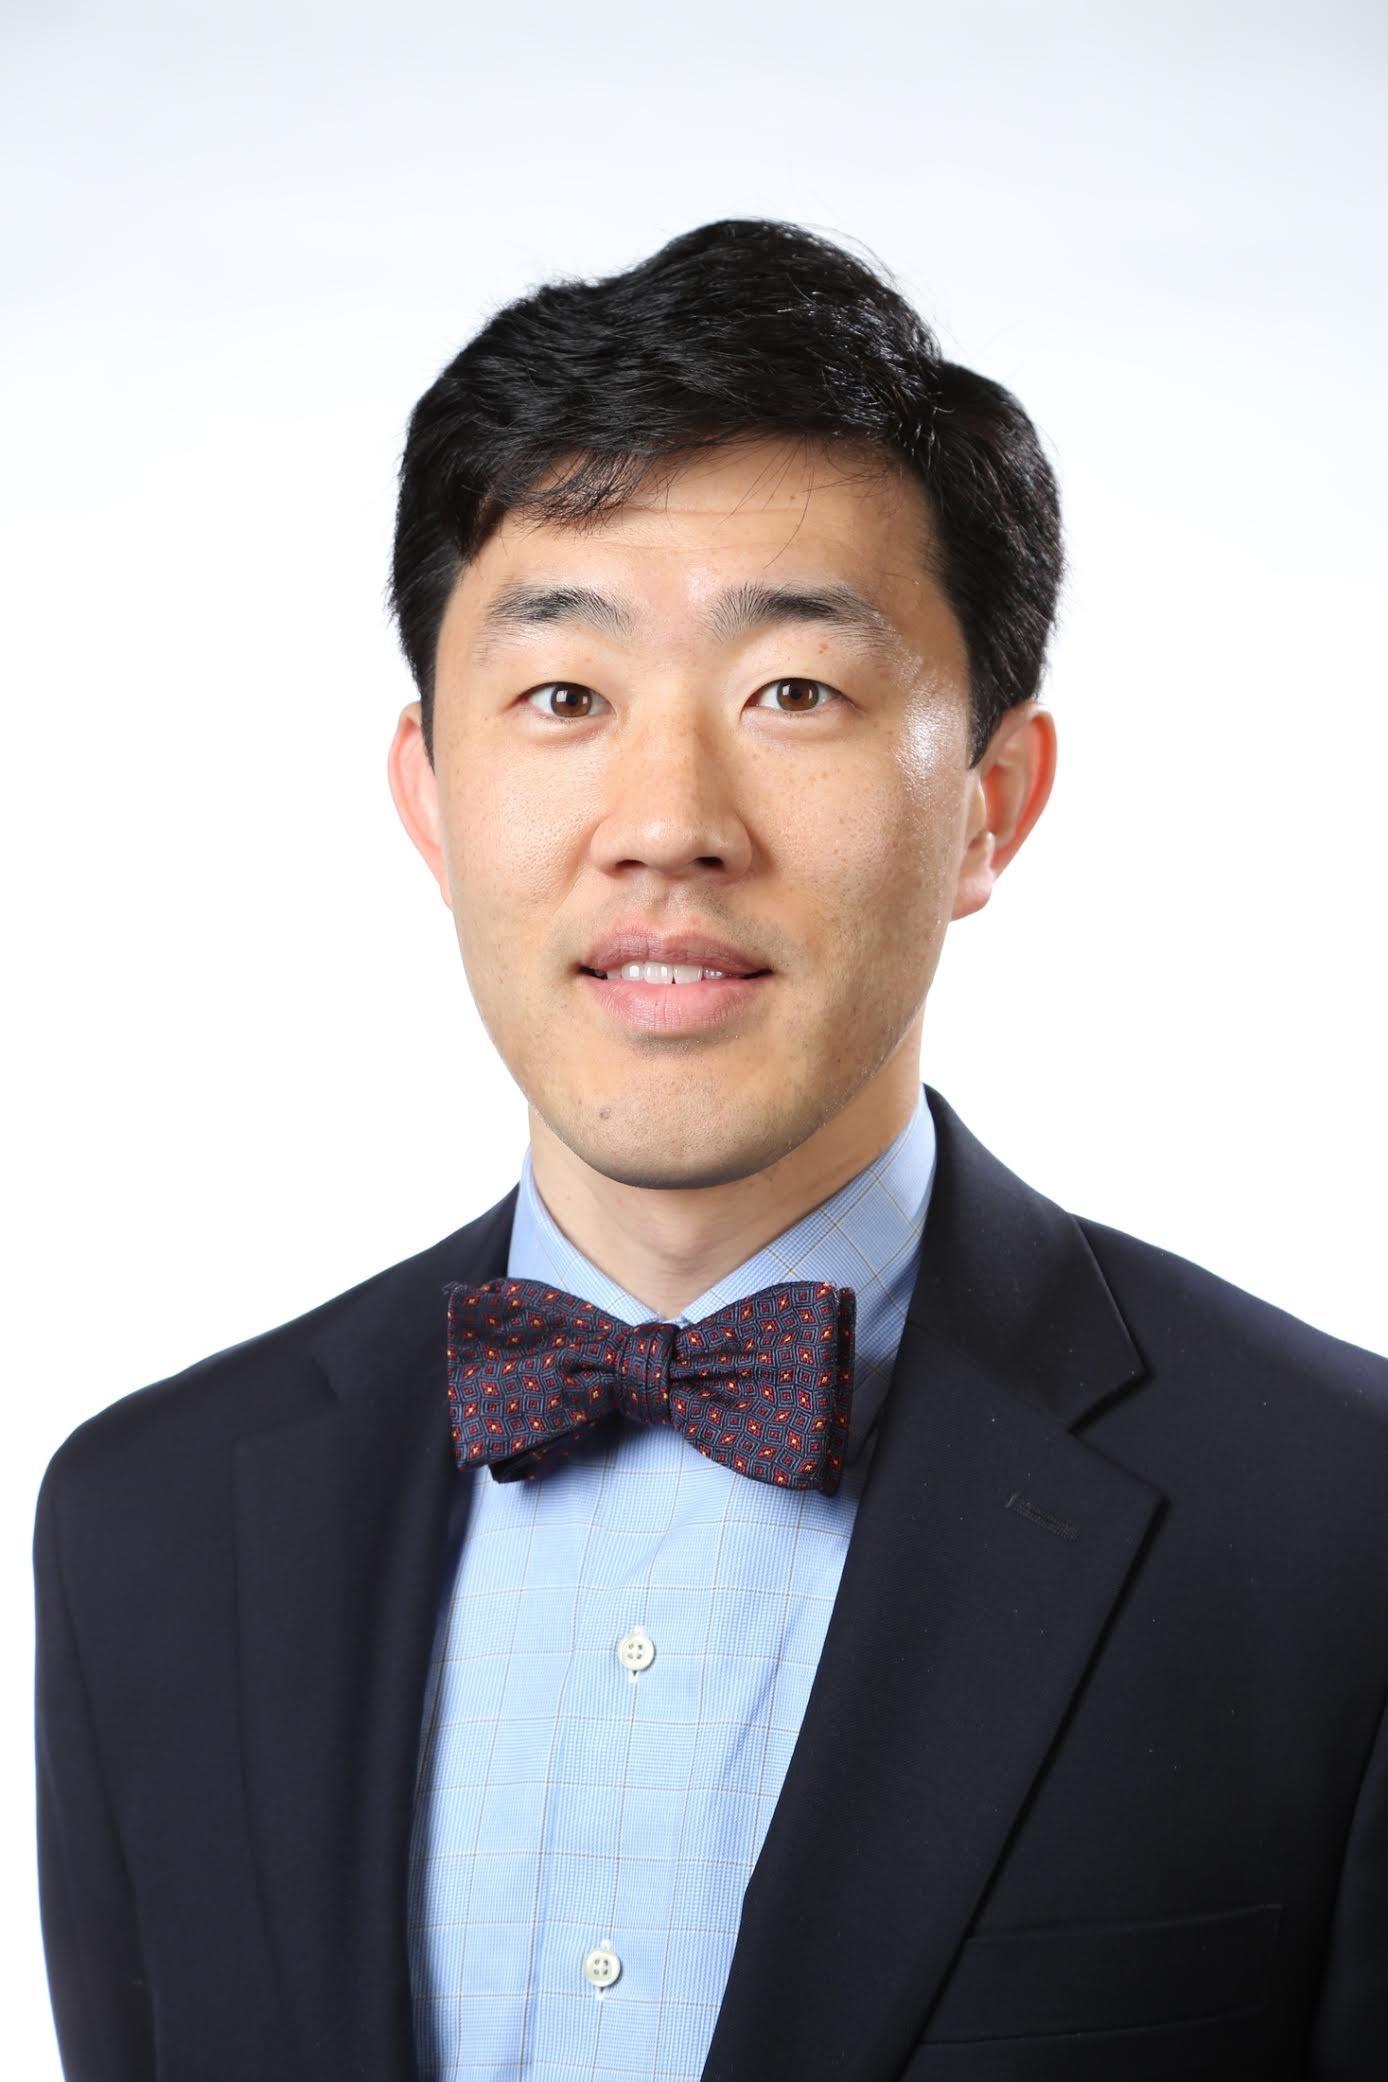 Dr. Steve Lee